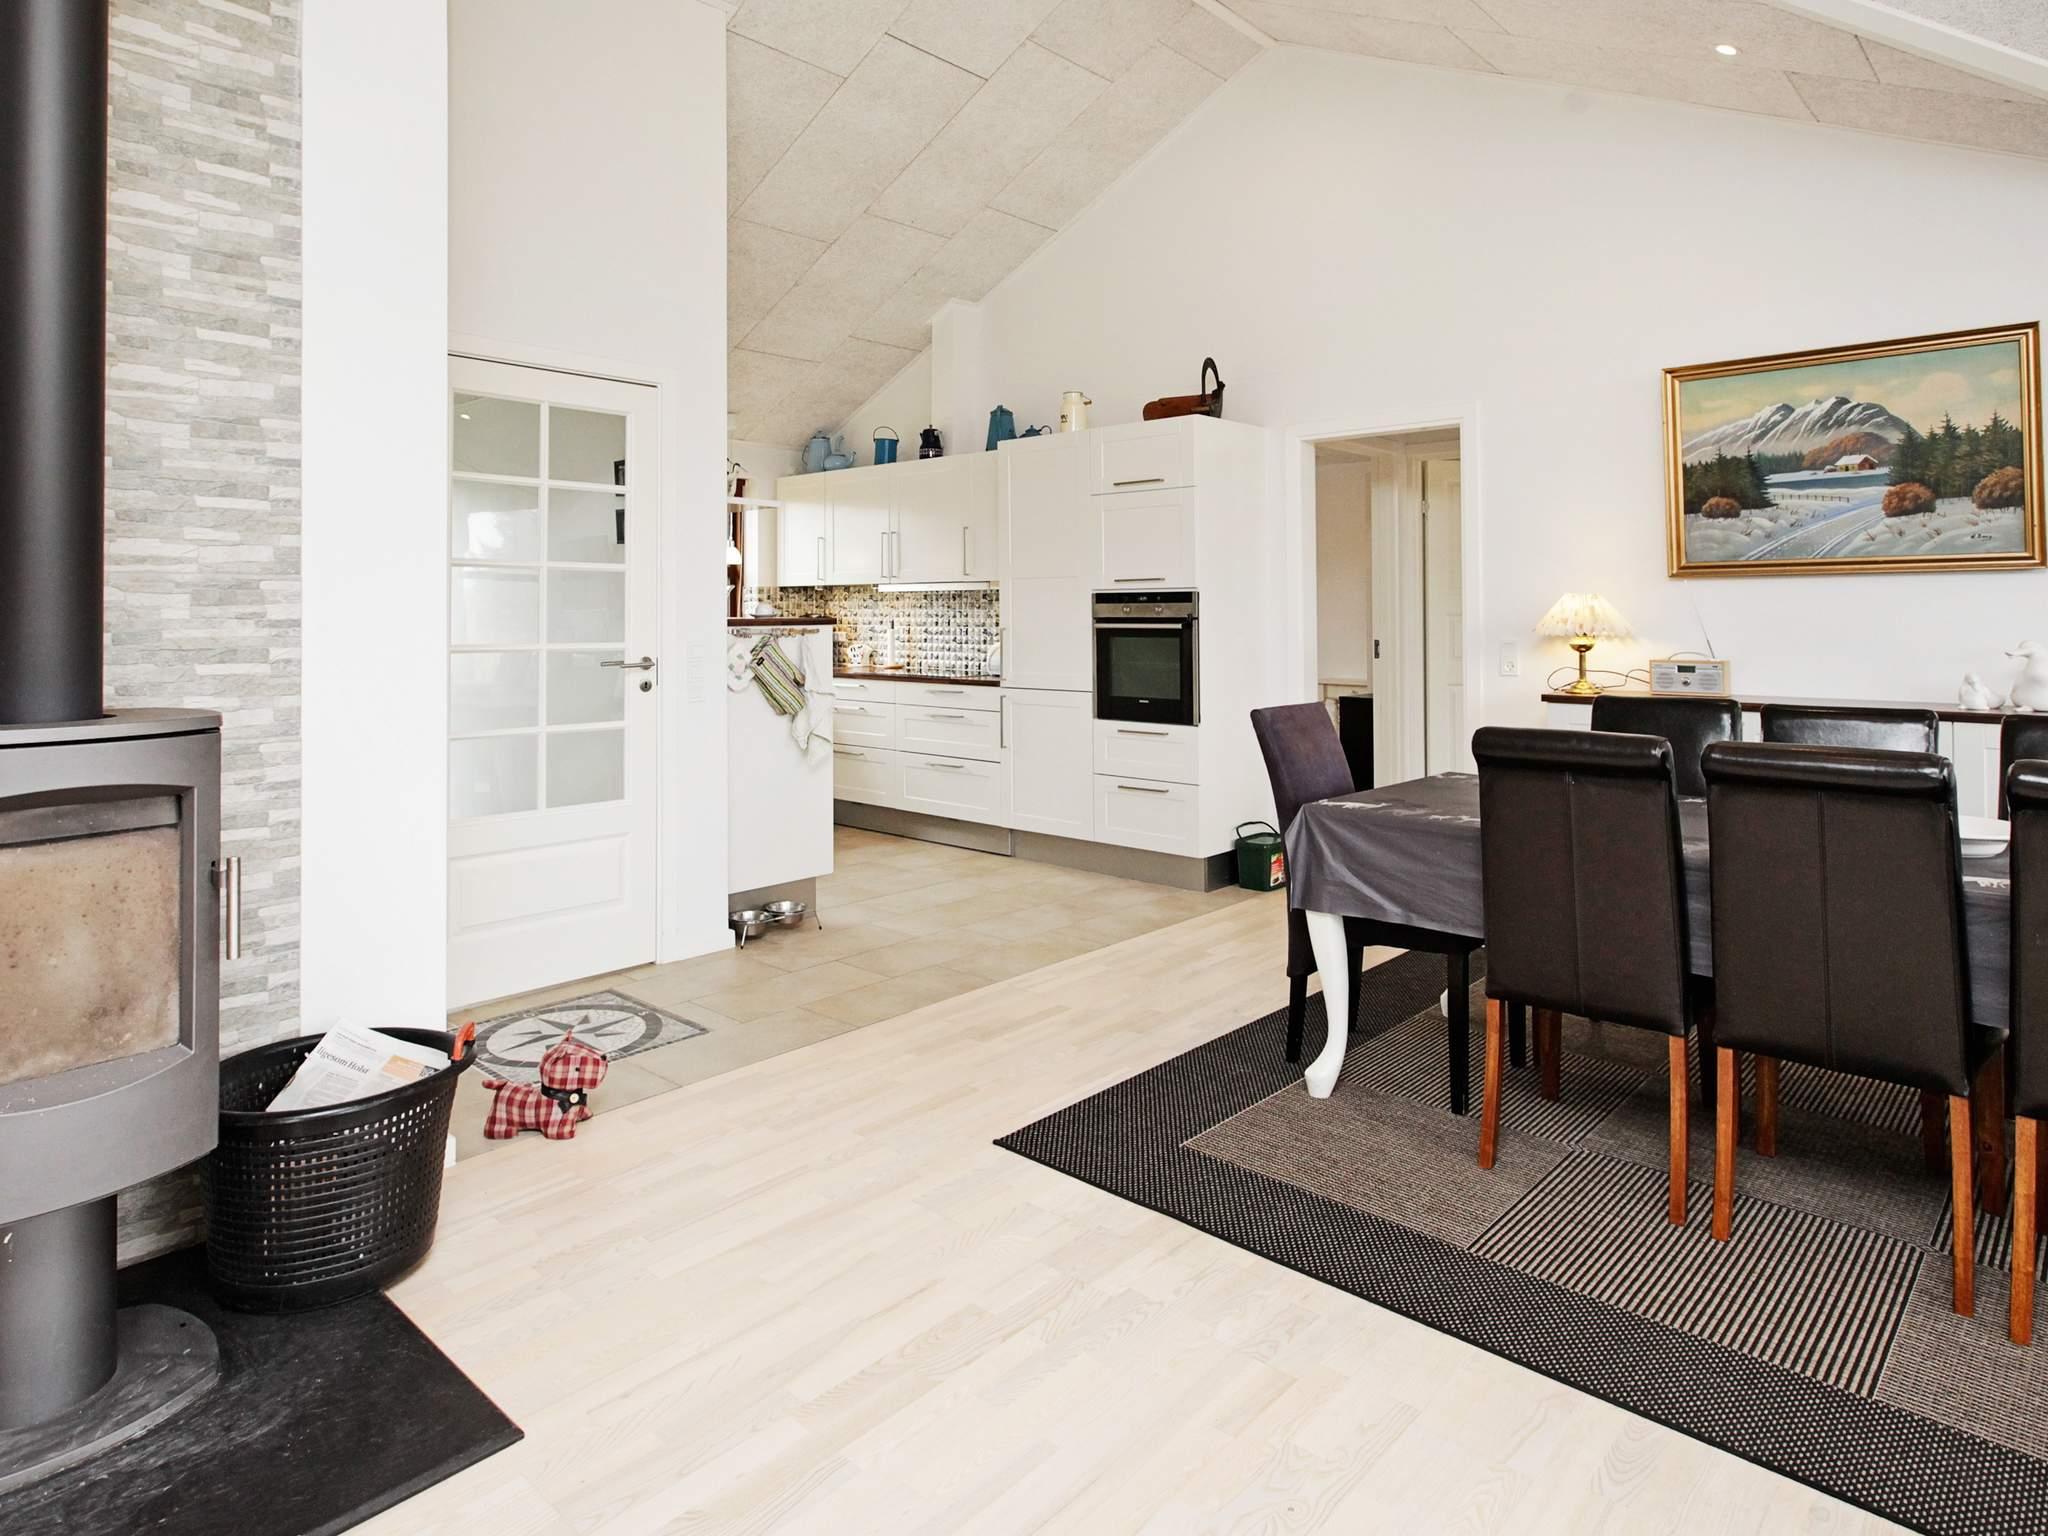 Ferienhaus Kjul Strand (2355503), Hirtshals, , Nordwestjütland, Dänemark, Bild 17